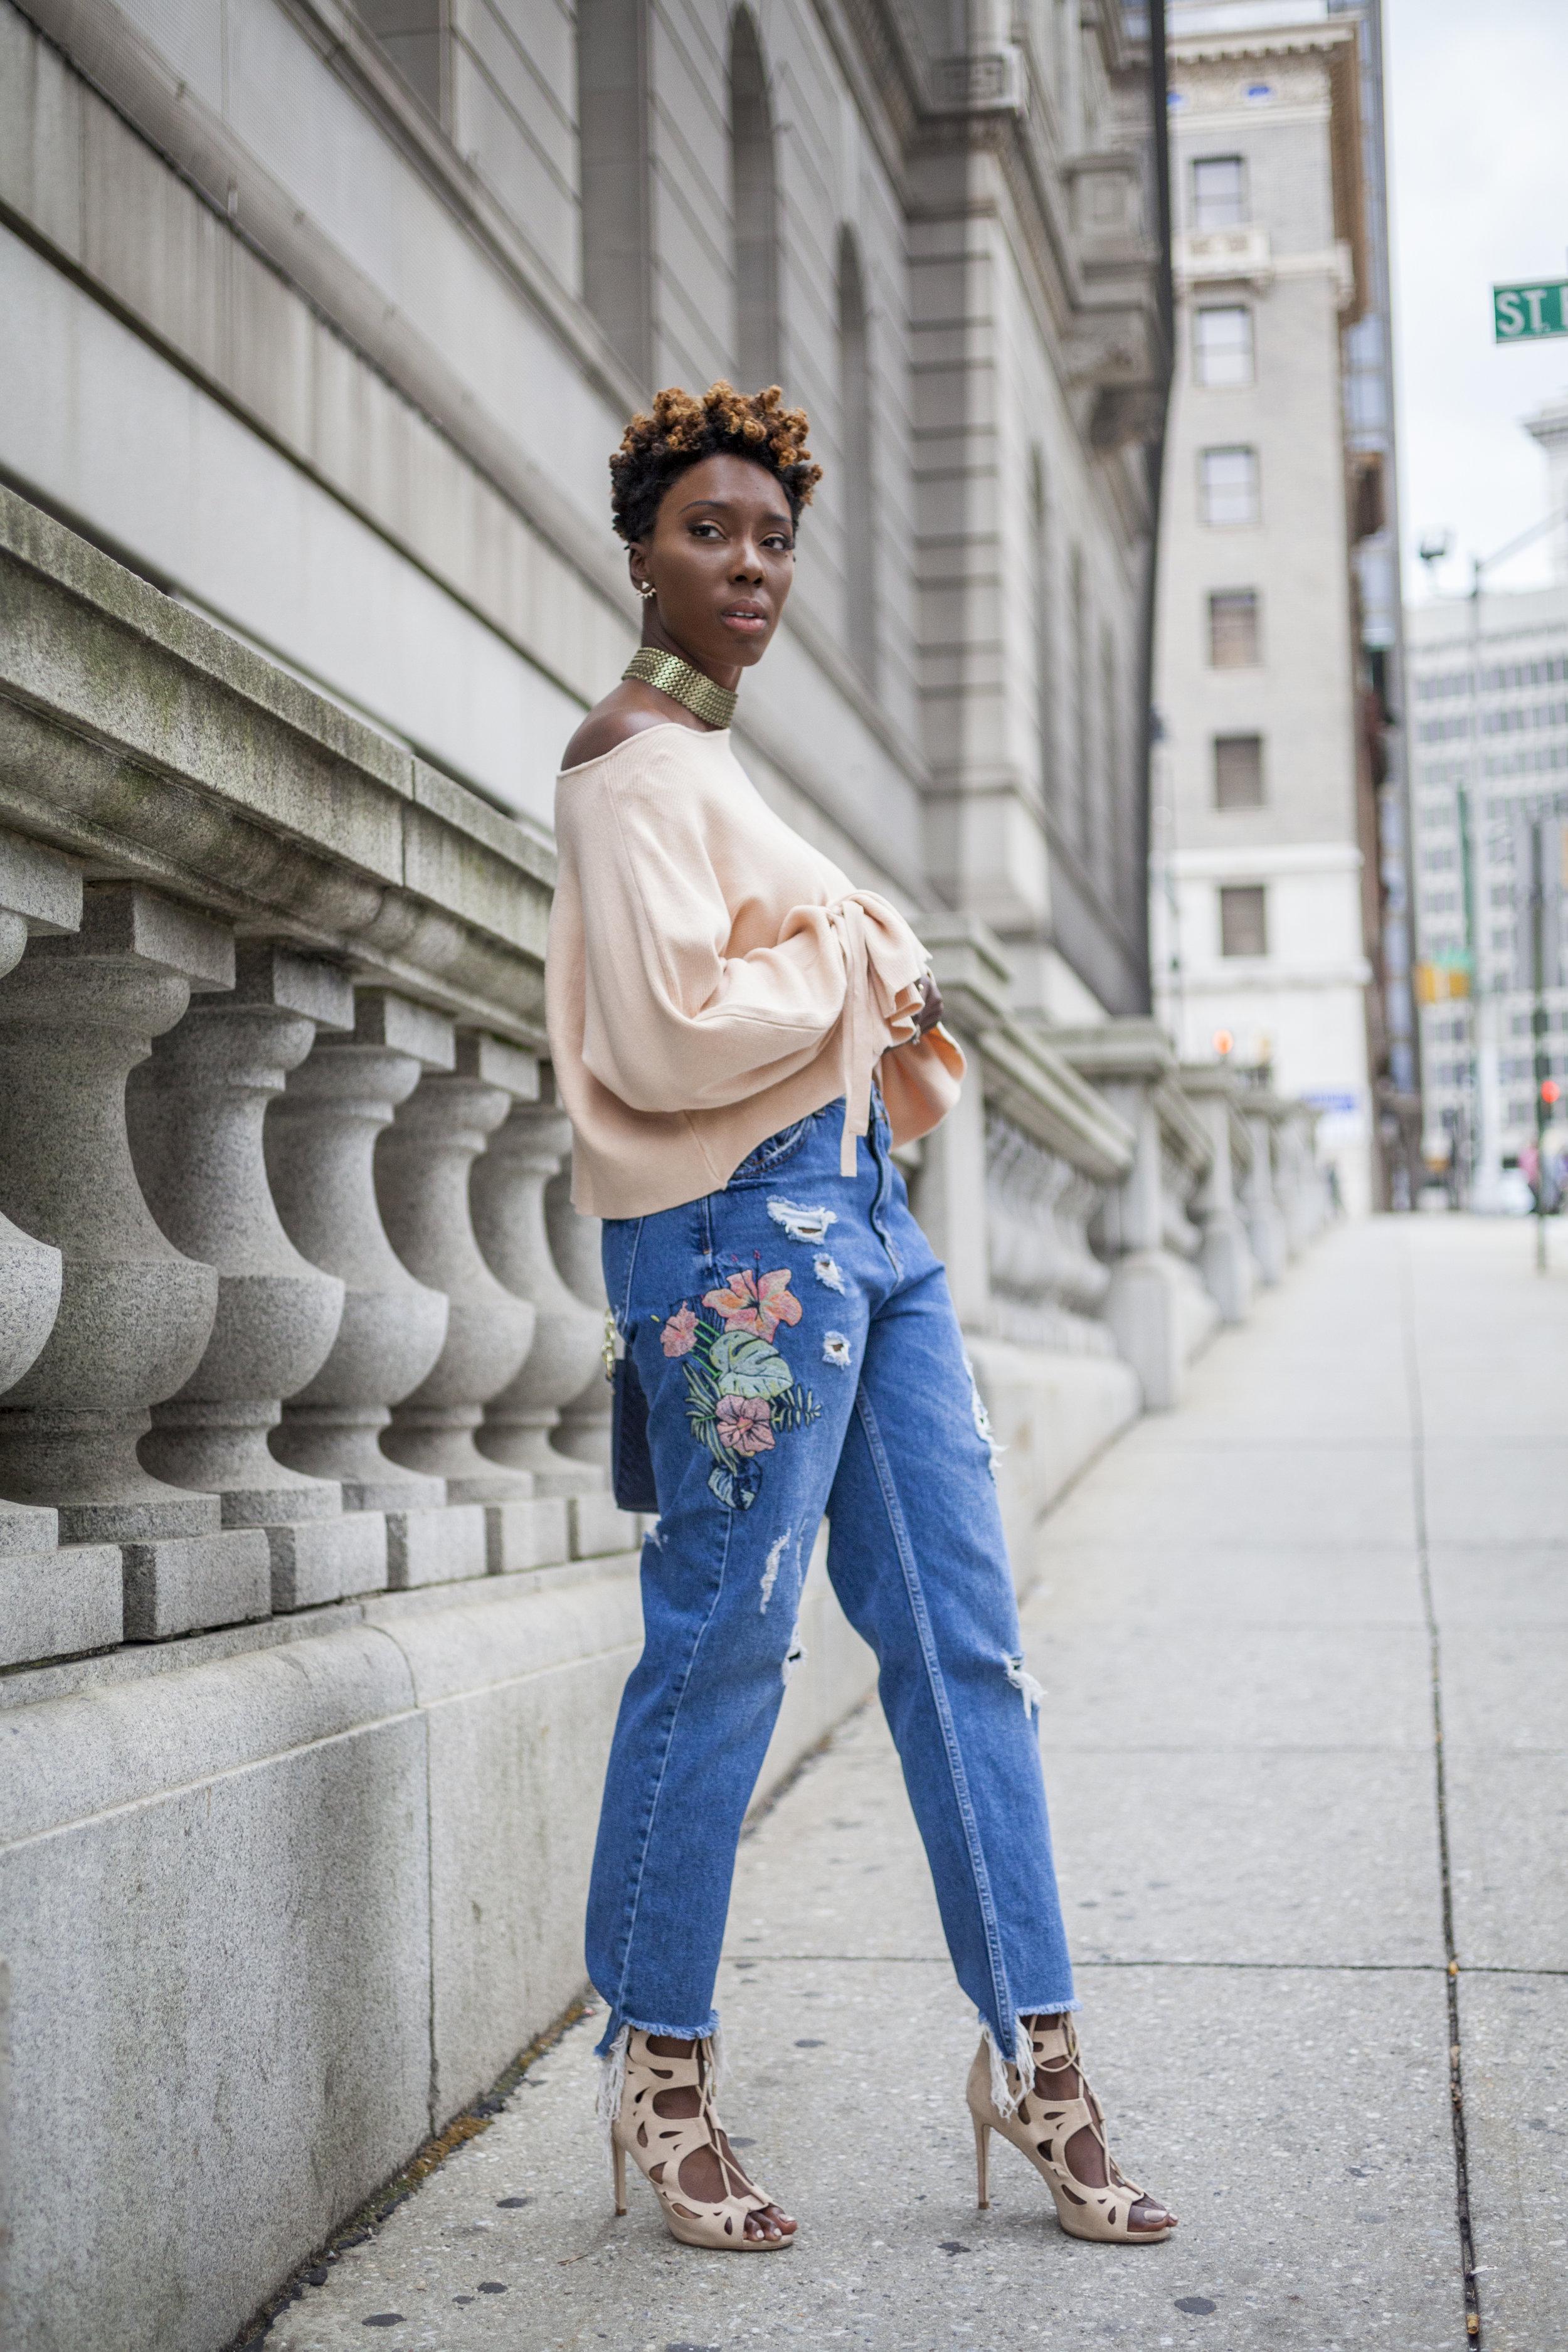 Dayna-Bolden-zara-off-the-shoulder-top-detail-sleeves-zara-patched-denim-jeans-8.jpg